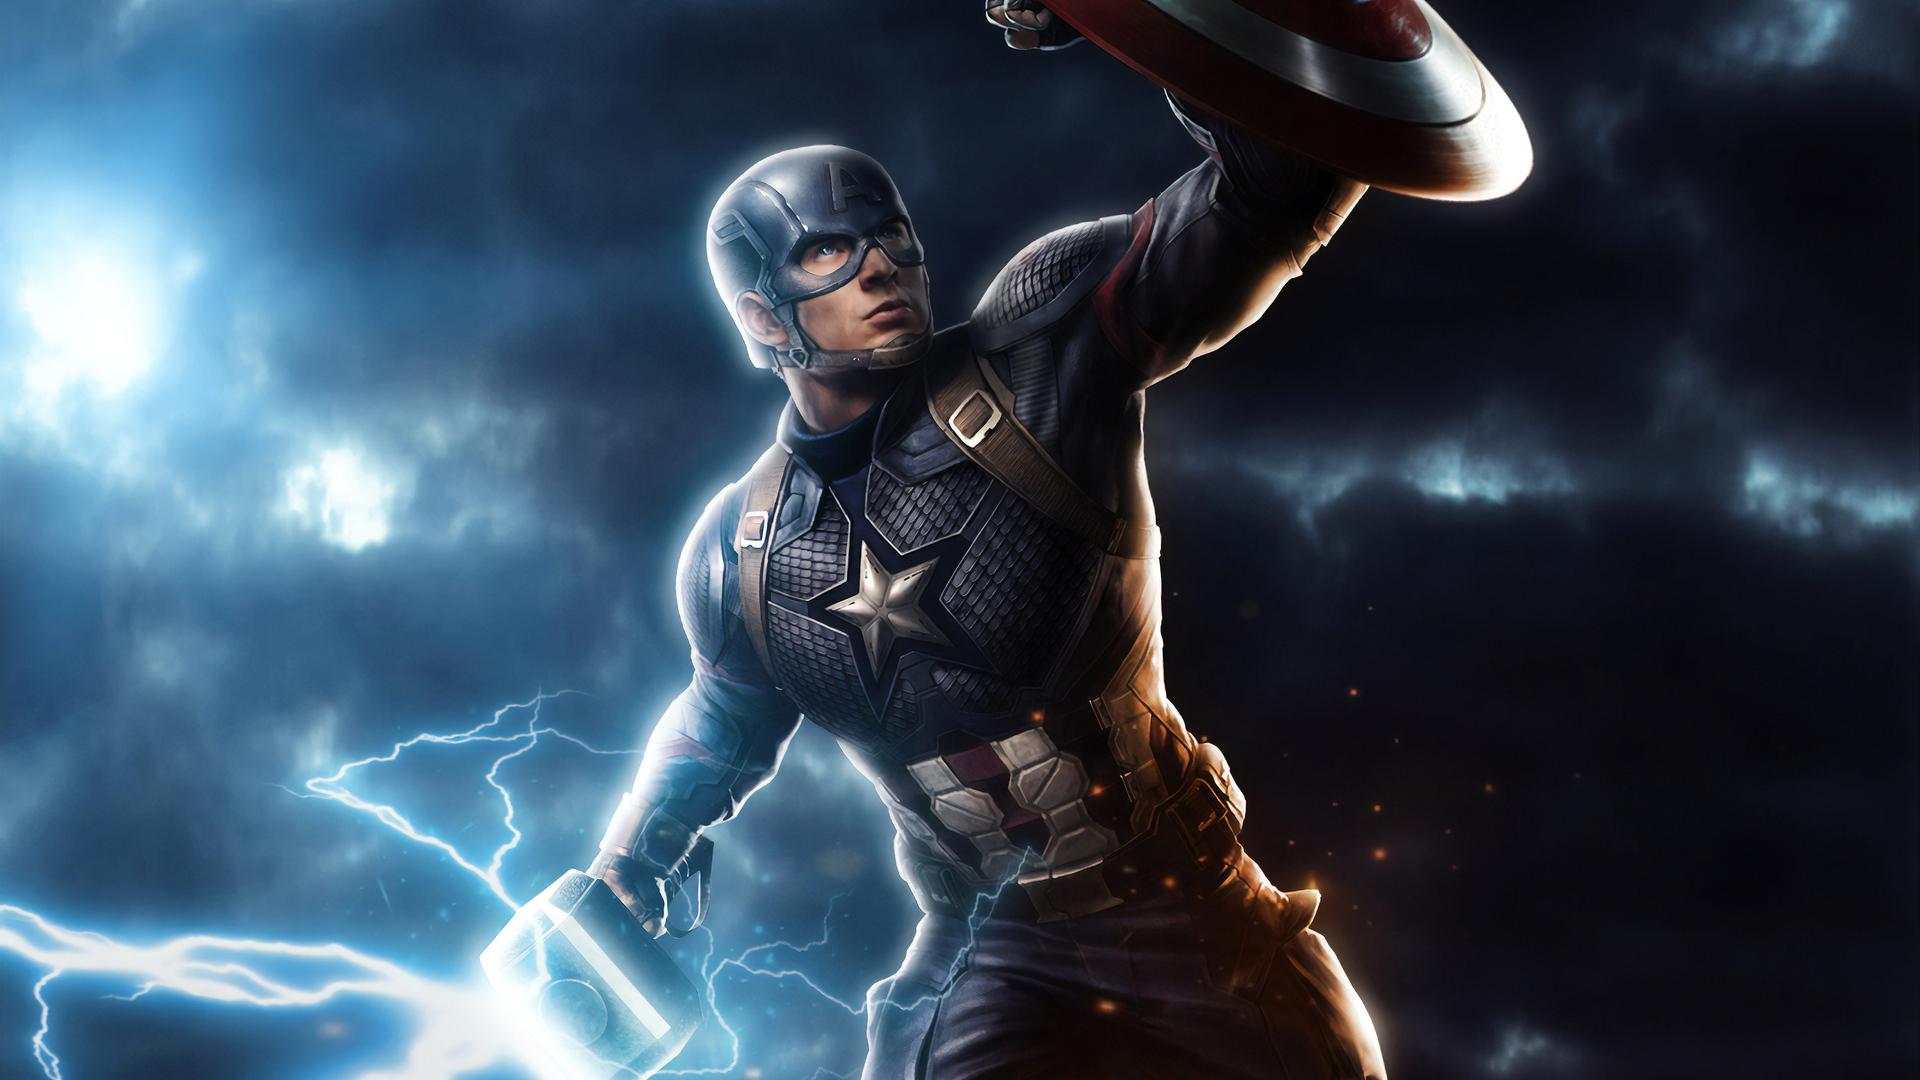 1920x1080 Captain America Mjolnir Avengers Endgame 4k Art ...